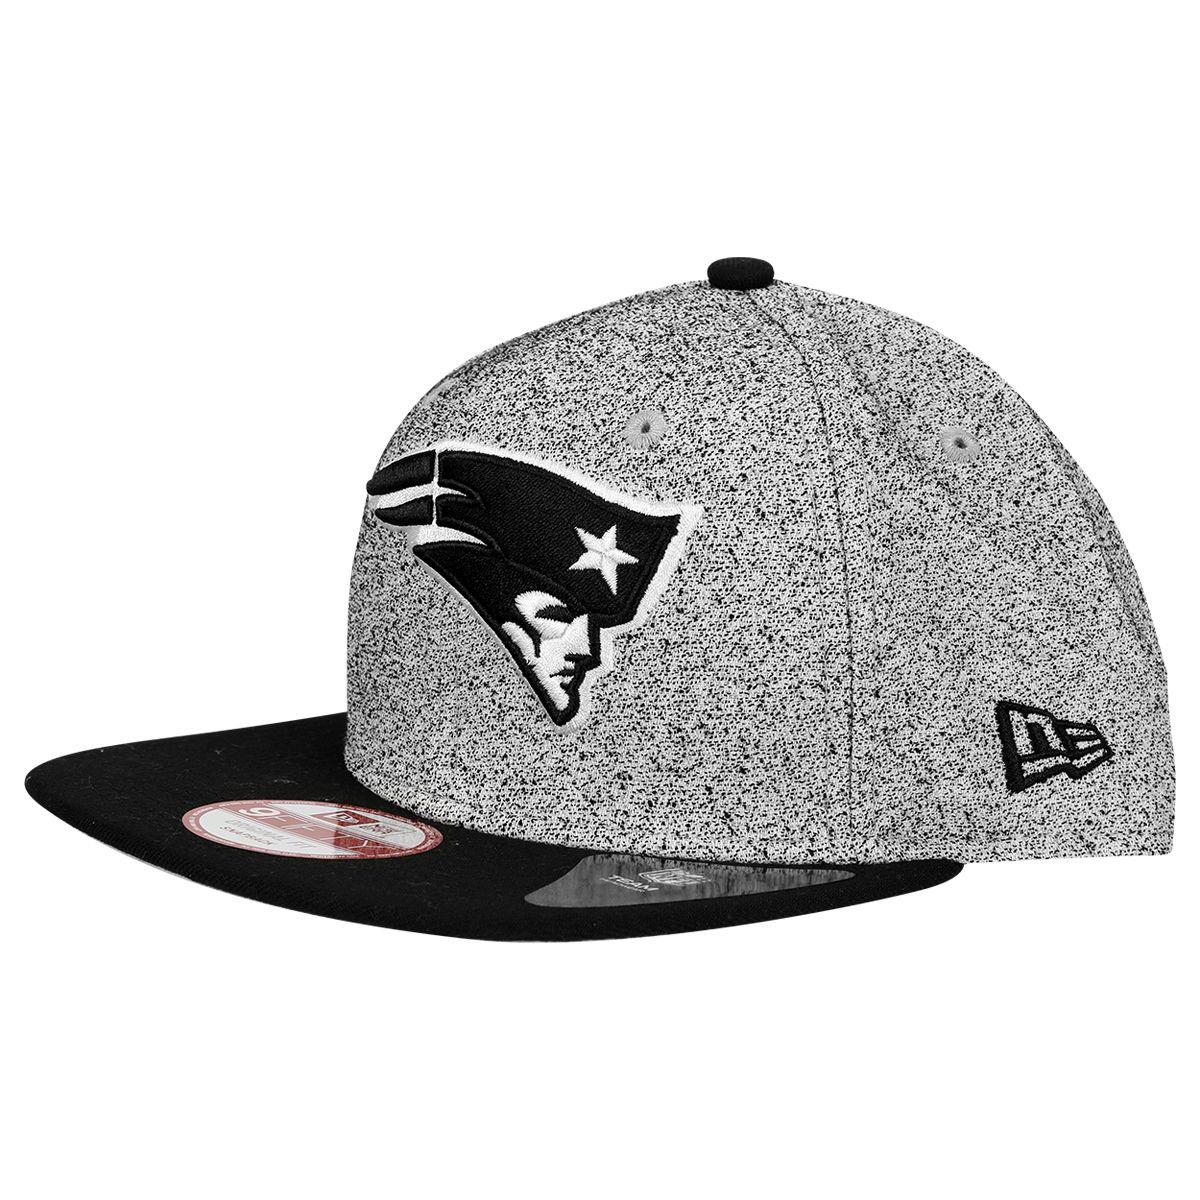 Boné - New Era 950 NFL - Fit Special New England Patriots  9d2aa266f4775